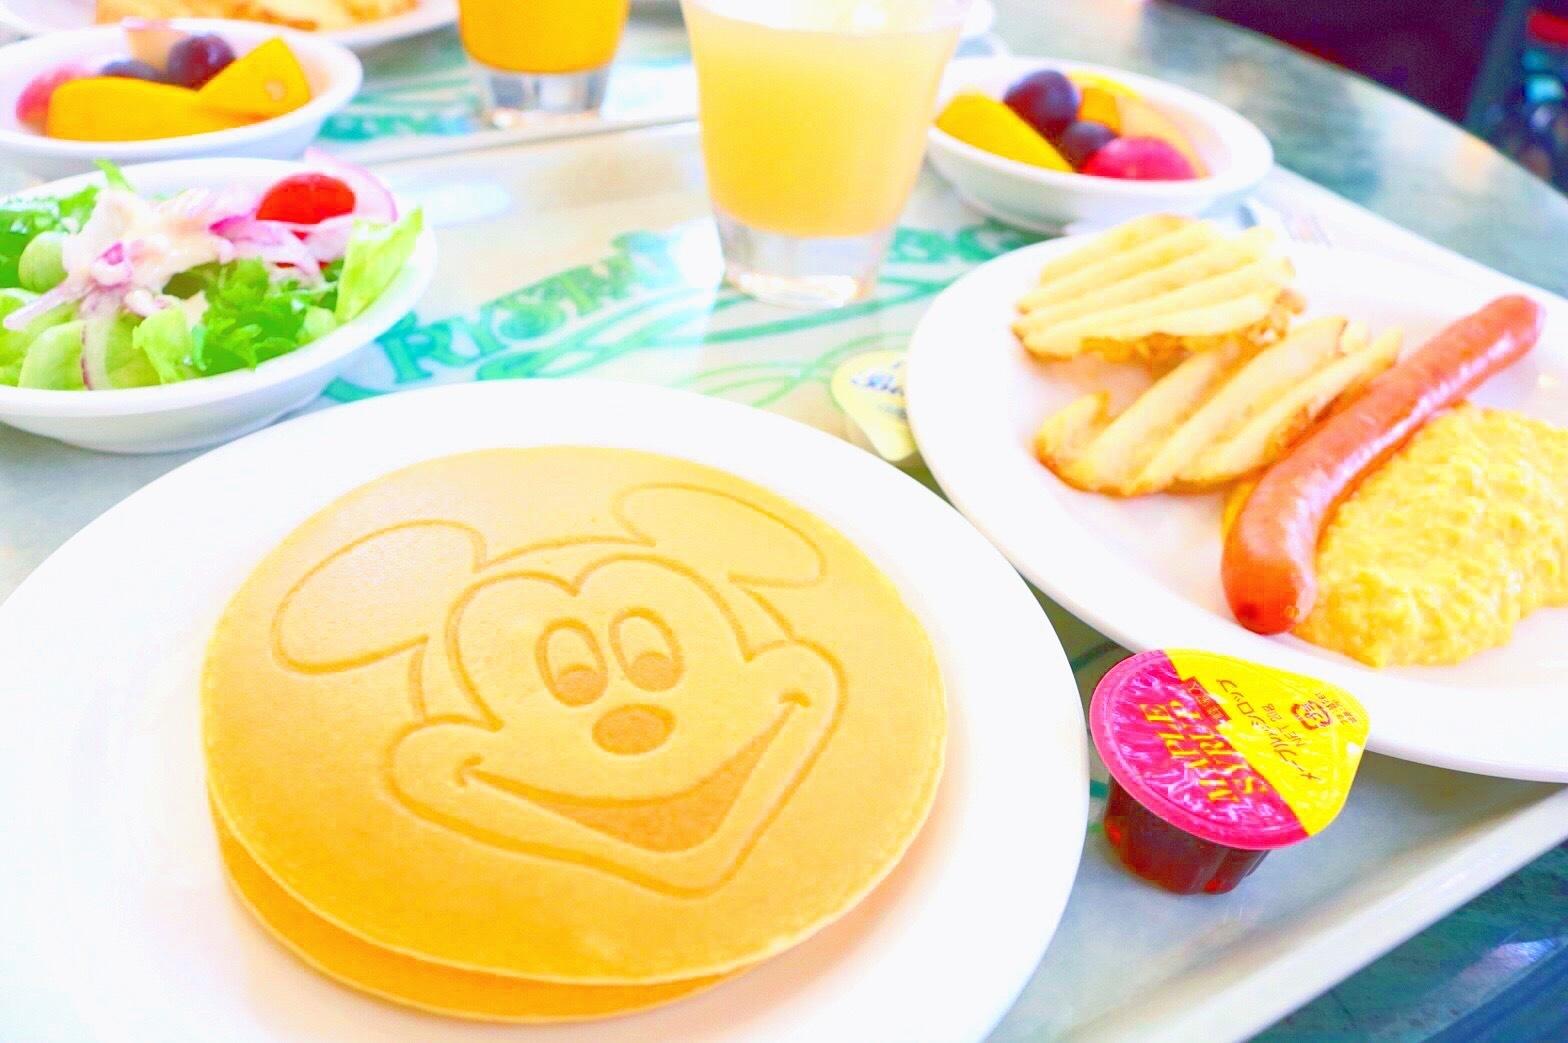 プーさんと一緒に朝食が食べられるレストラン♡_1_1